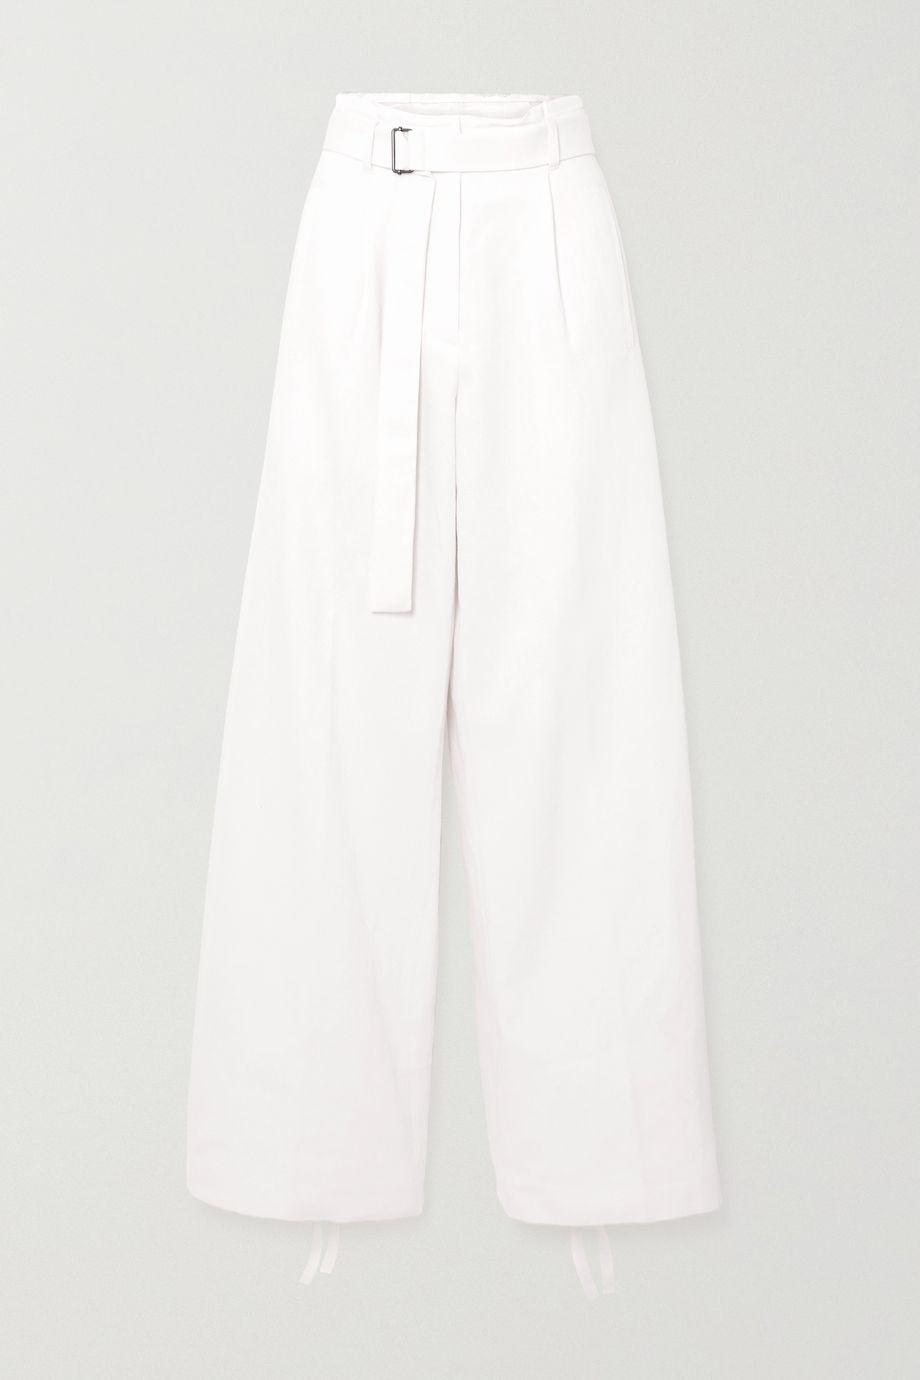 Ann Demeulemeester Hose aus Twill aus einer Baumwoll-Leinenmischung